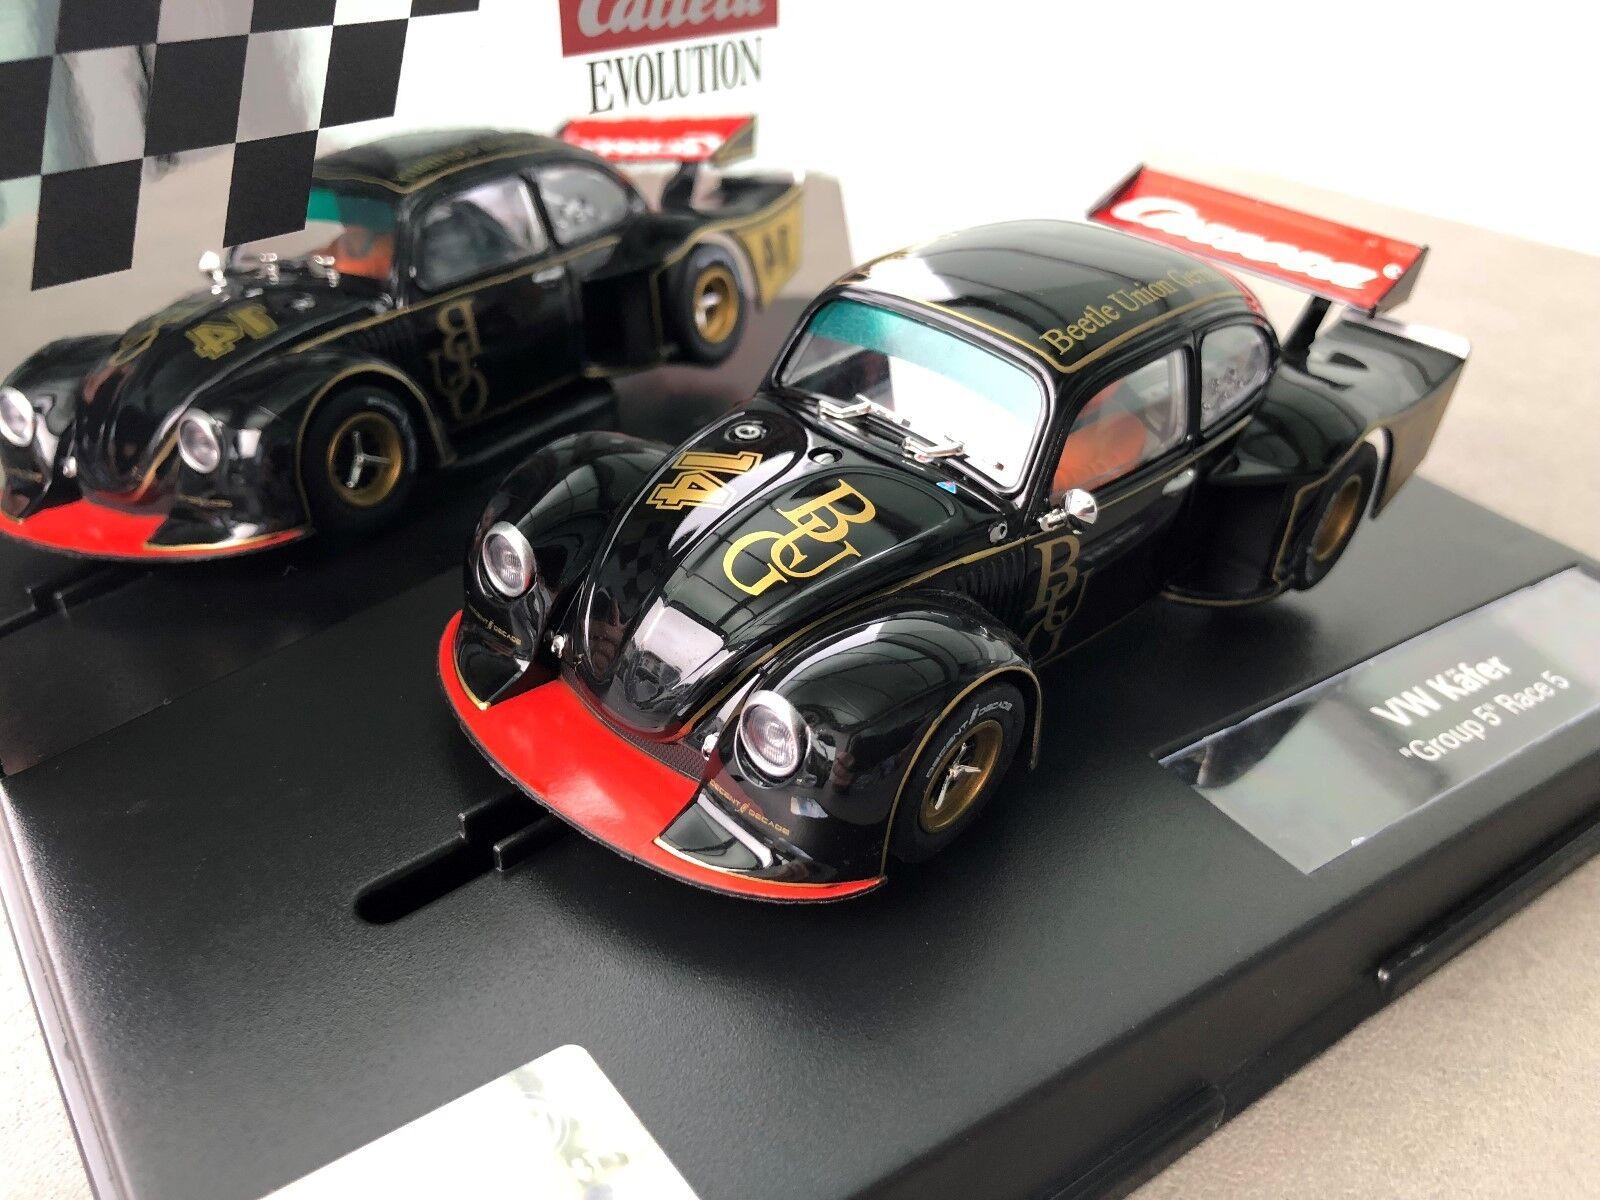 autorera Evolution 27557 VW Maggiolino   Gruppo 5   Race 5 Nuovo Confezione